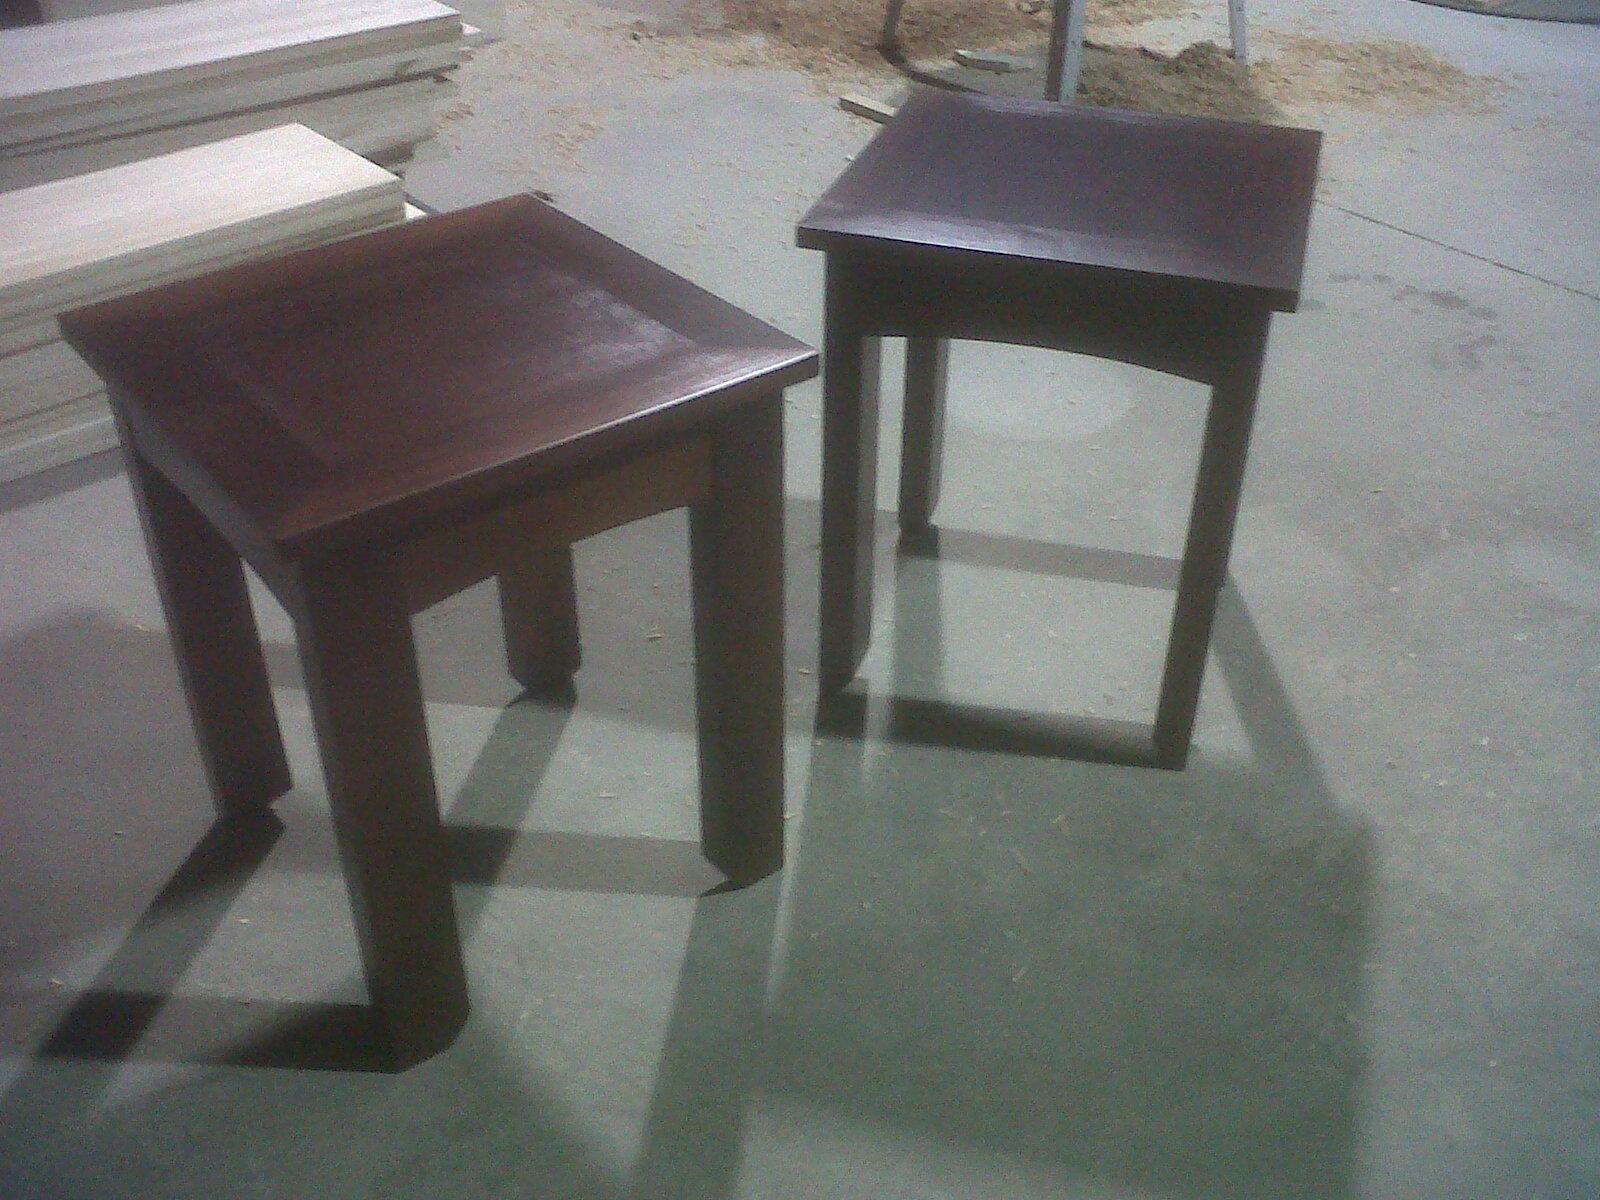 Mesas laterales tak muebles sanchez for Muebles sanchez